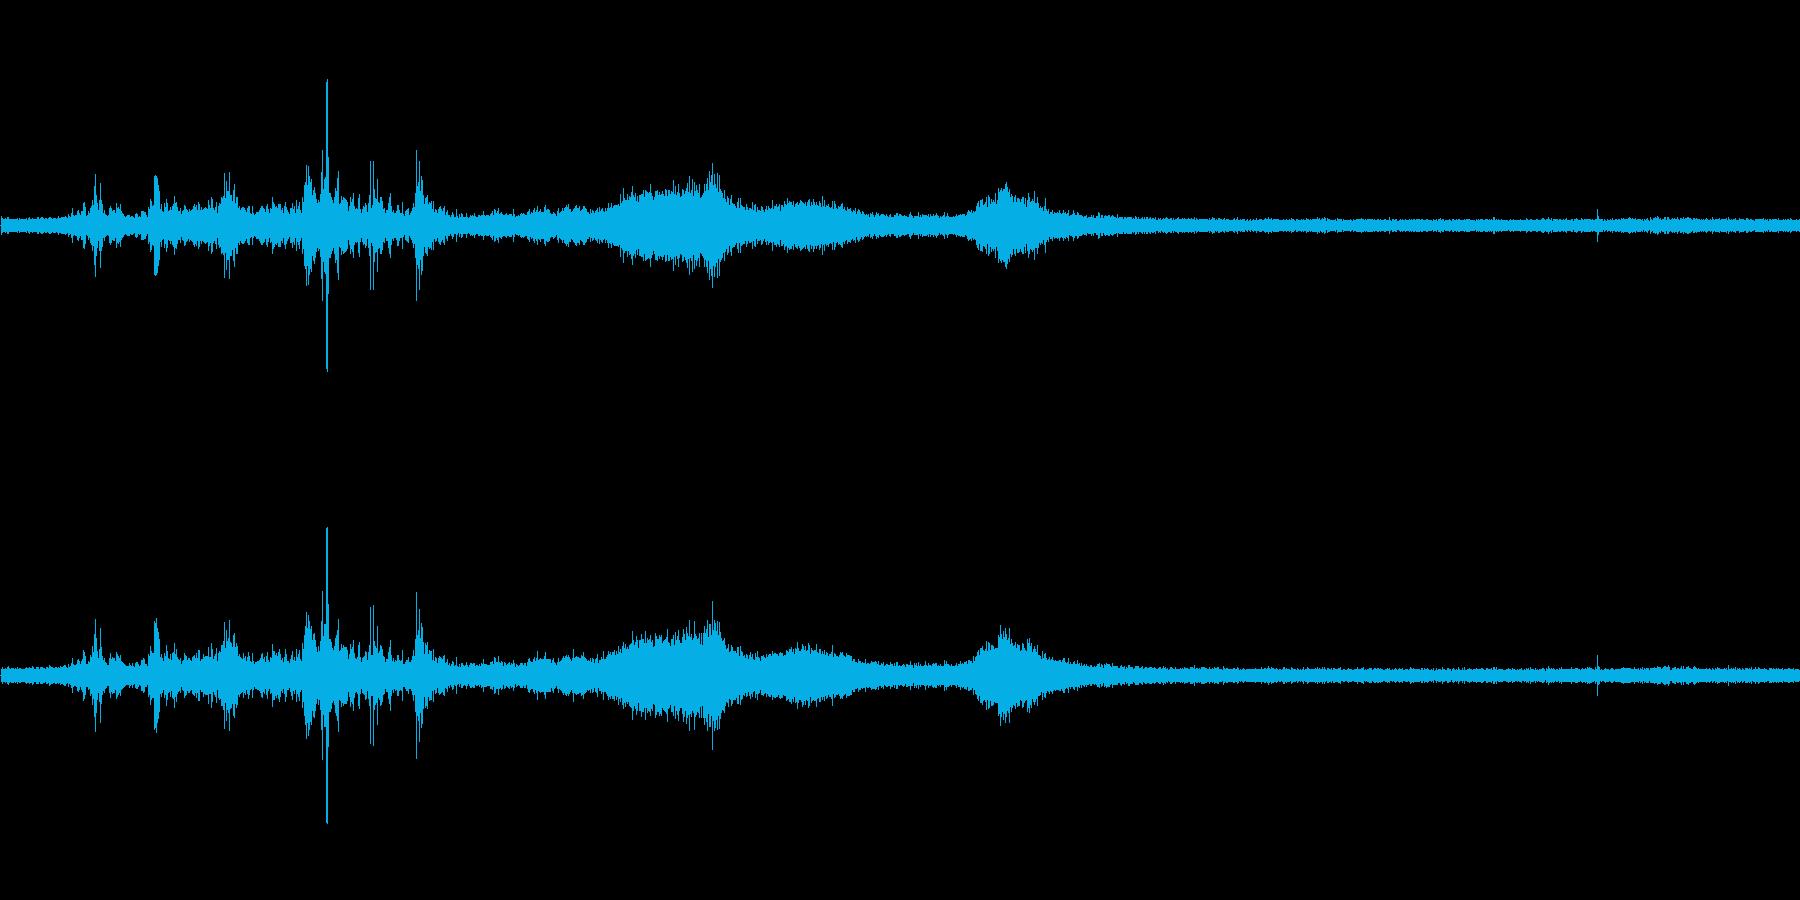 【生音】雷雨22 - 雨と雷と通行音 …の再生済みの波形